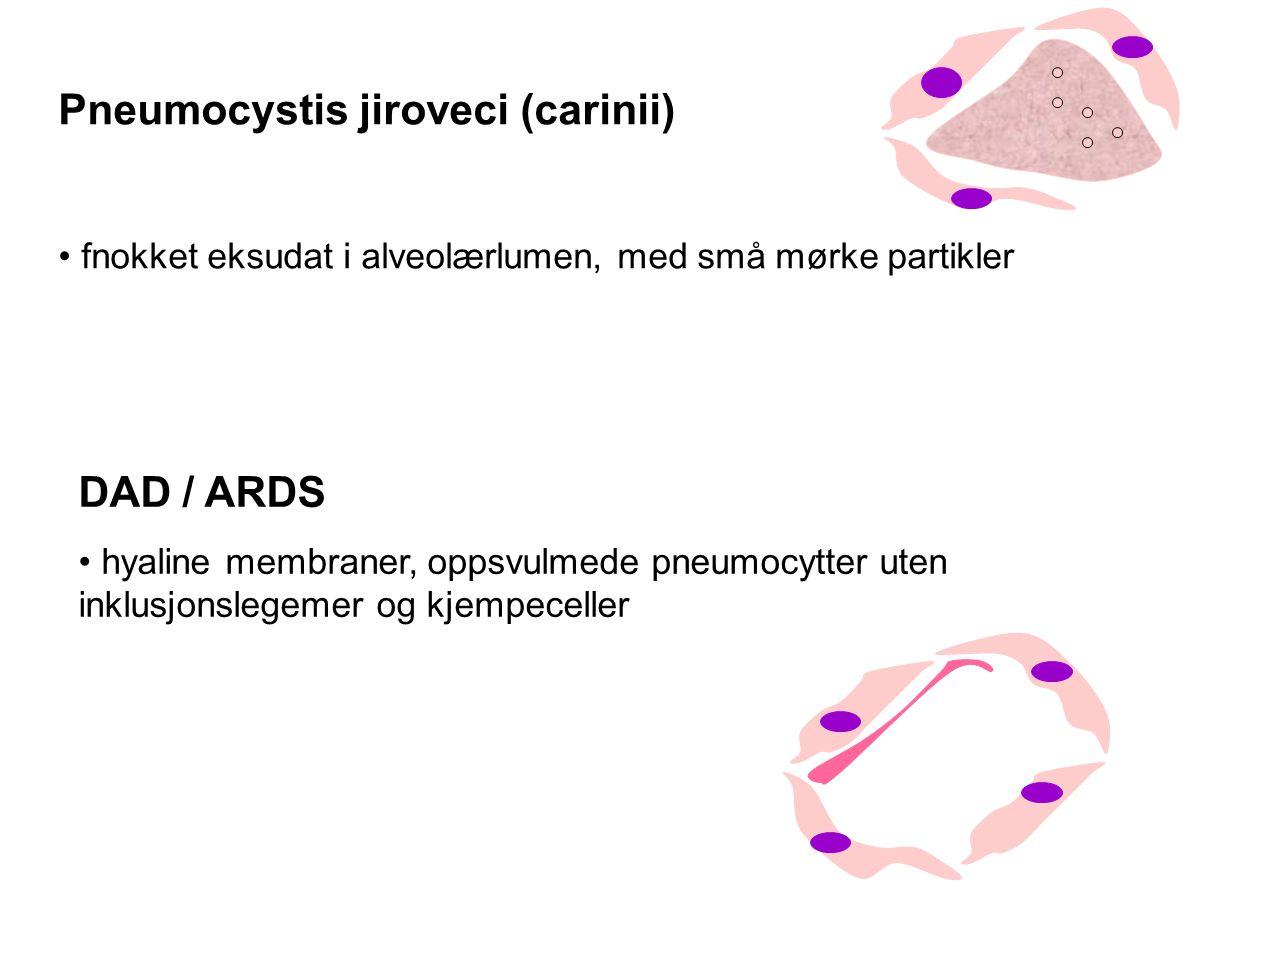 Pneumocystis jiroveci (carinii) fnokket eksudat i alveolærlumen, med små mørke partikler DAD / ARDS hyaline membraner, oppsvulmede pneumocytter uten inklusjonslegemer og kjempeceller